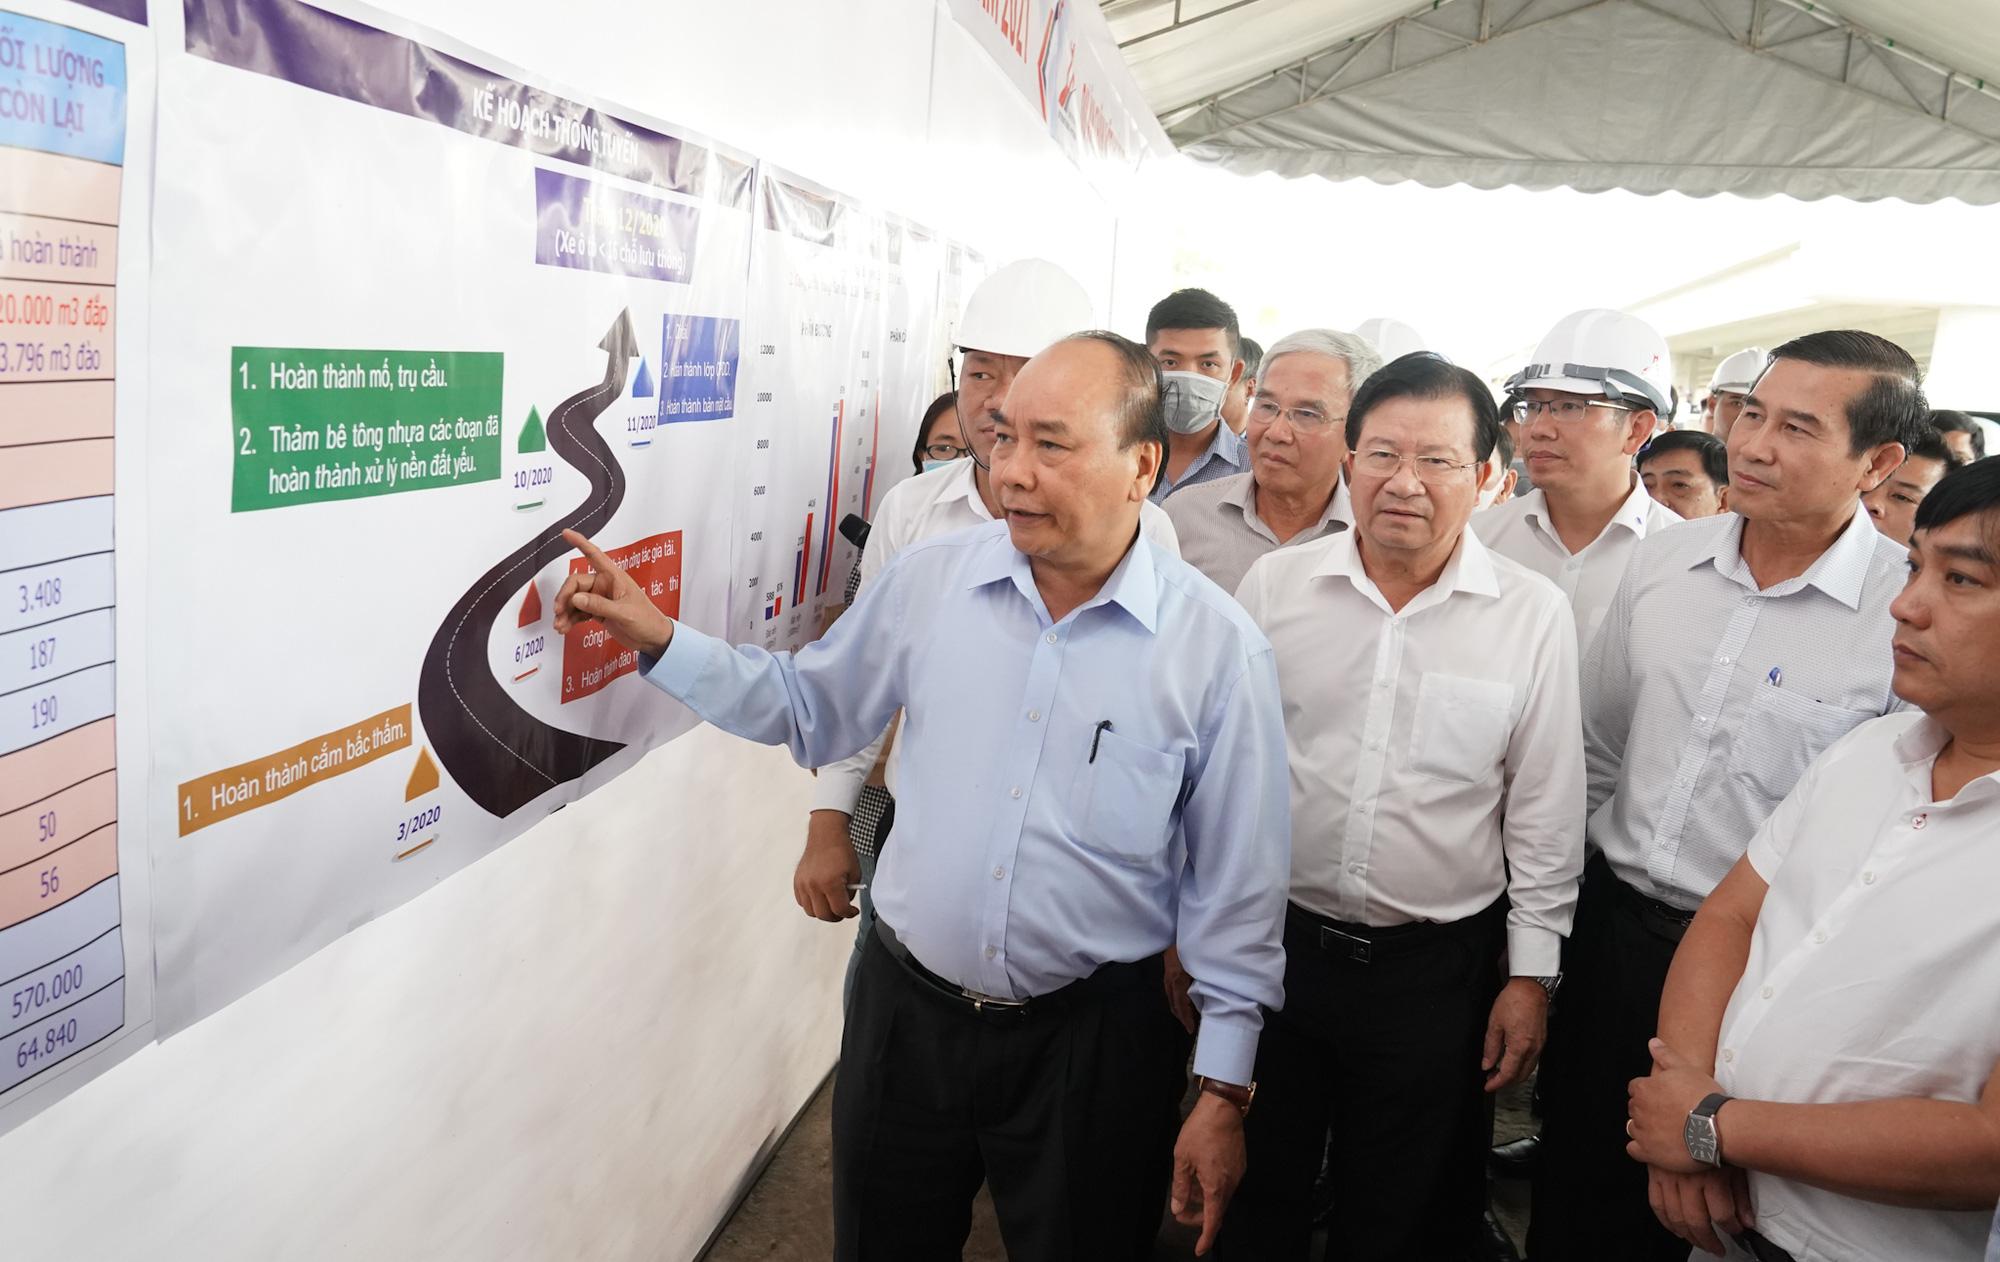 Dự án đường cao tốc gần 13.000 tỉ đồng có thể thông tuyến vào cuối năm nay - Ảnh 1.